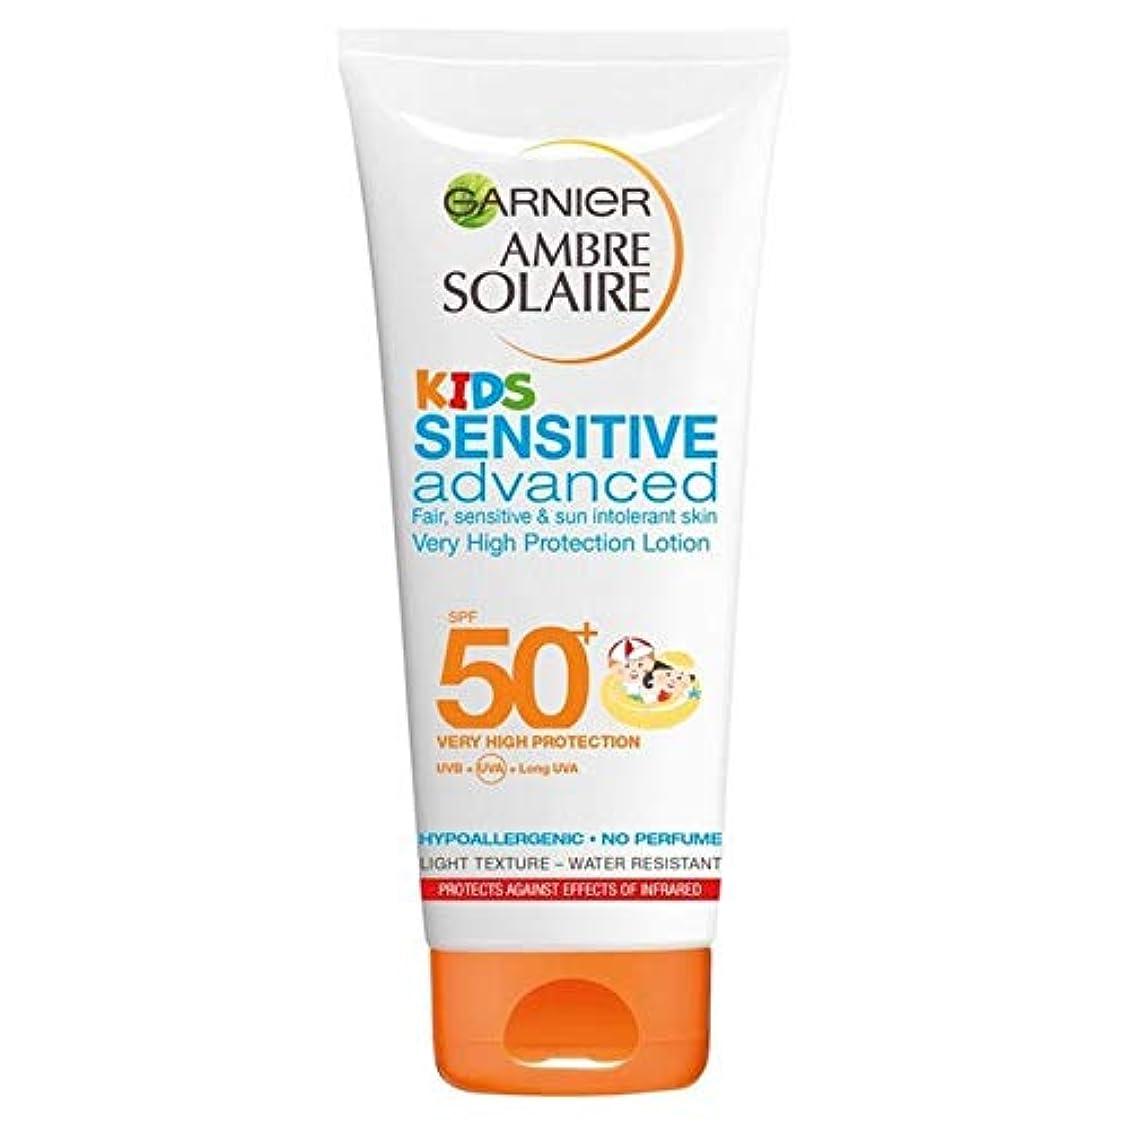 曲がった冗長雑種[Garnier ] アンブレSolaire子供敏感日クリームローションSpf50 + 200ミリリットル - Ambre Solaire Kids Sensitive Sun Cream Lotion SPF50+ 200ml [並行輸入品]